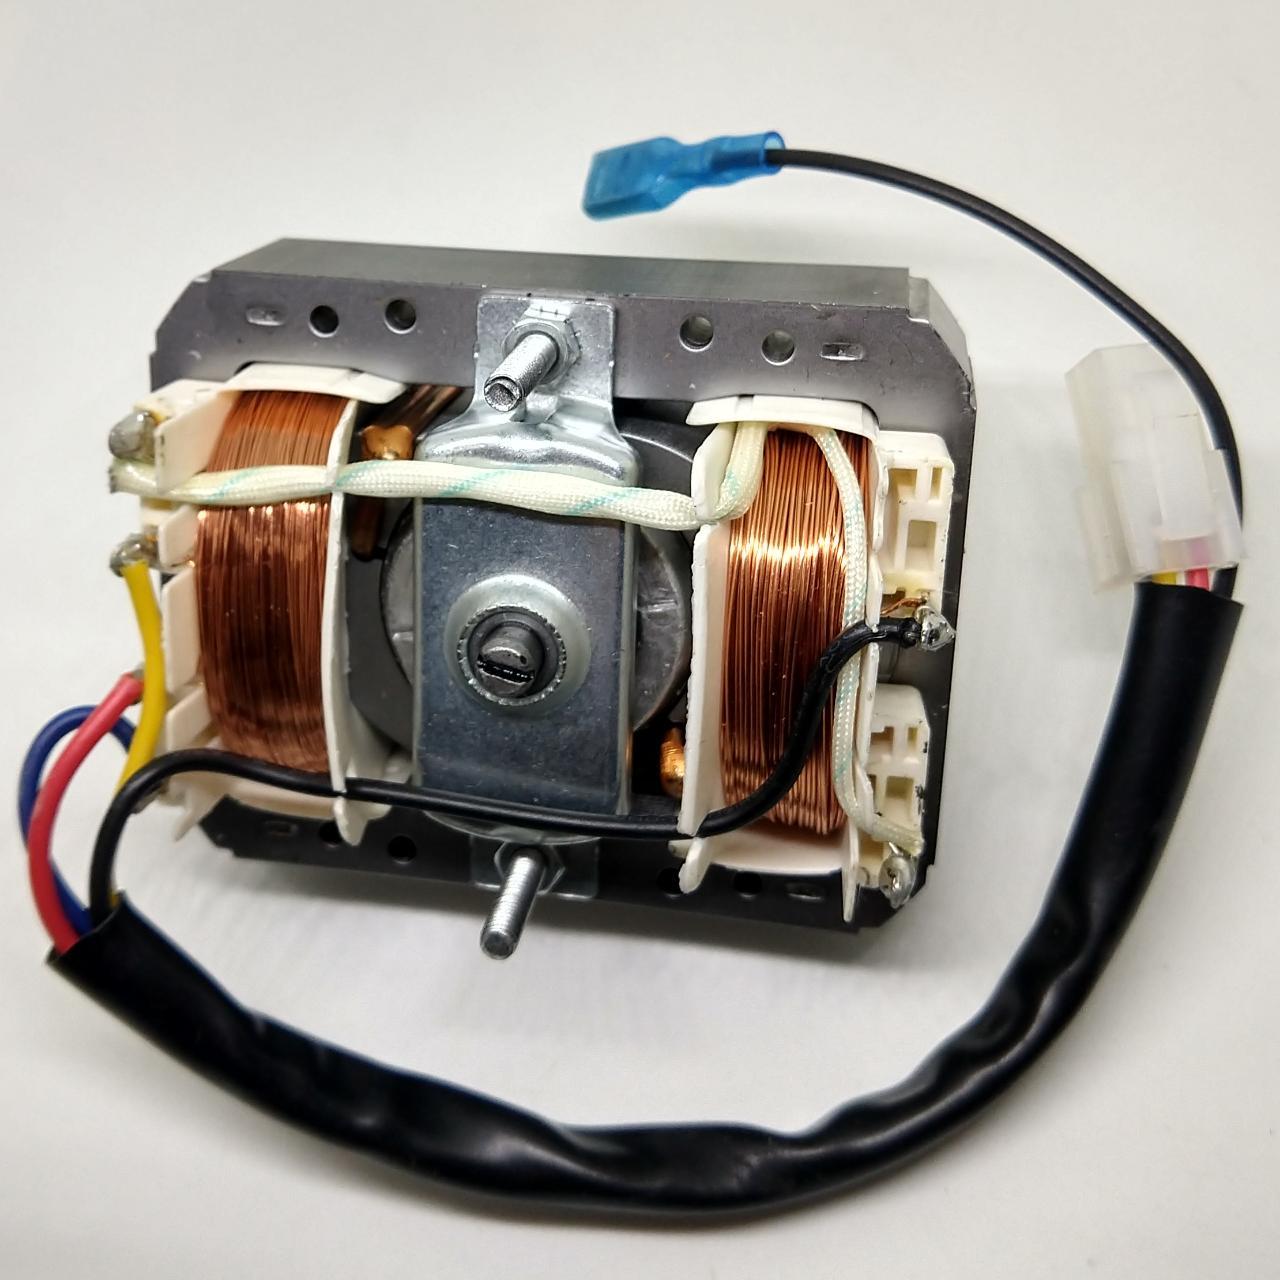 Motor Depurador Slim SUGGAR 220v